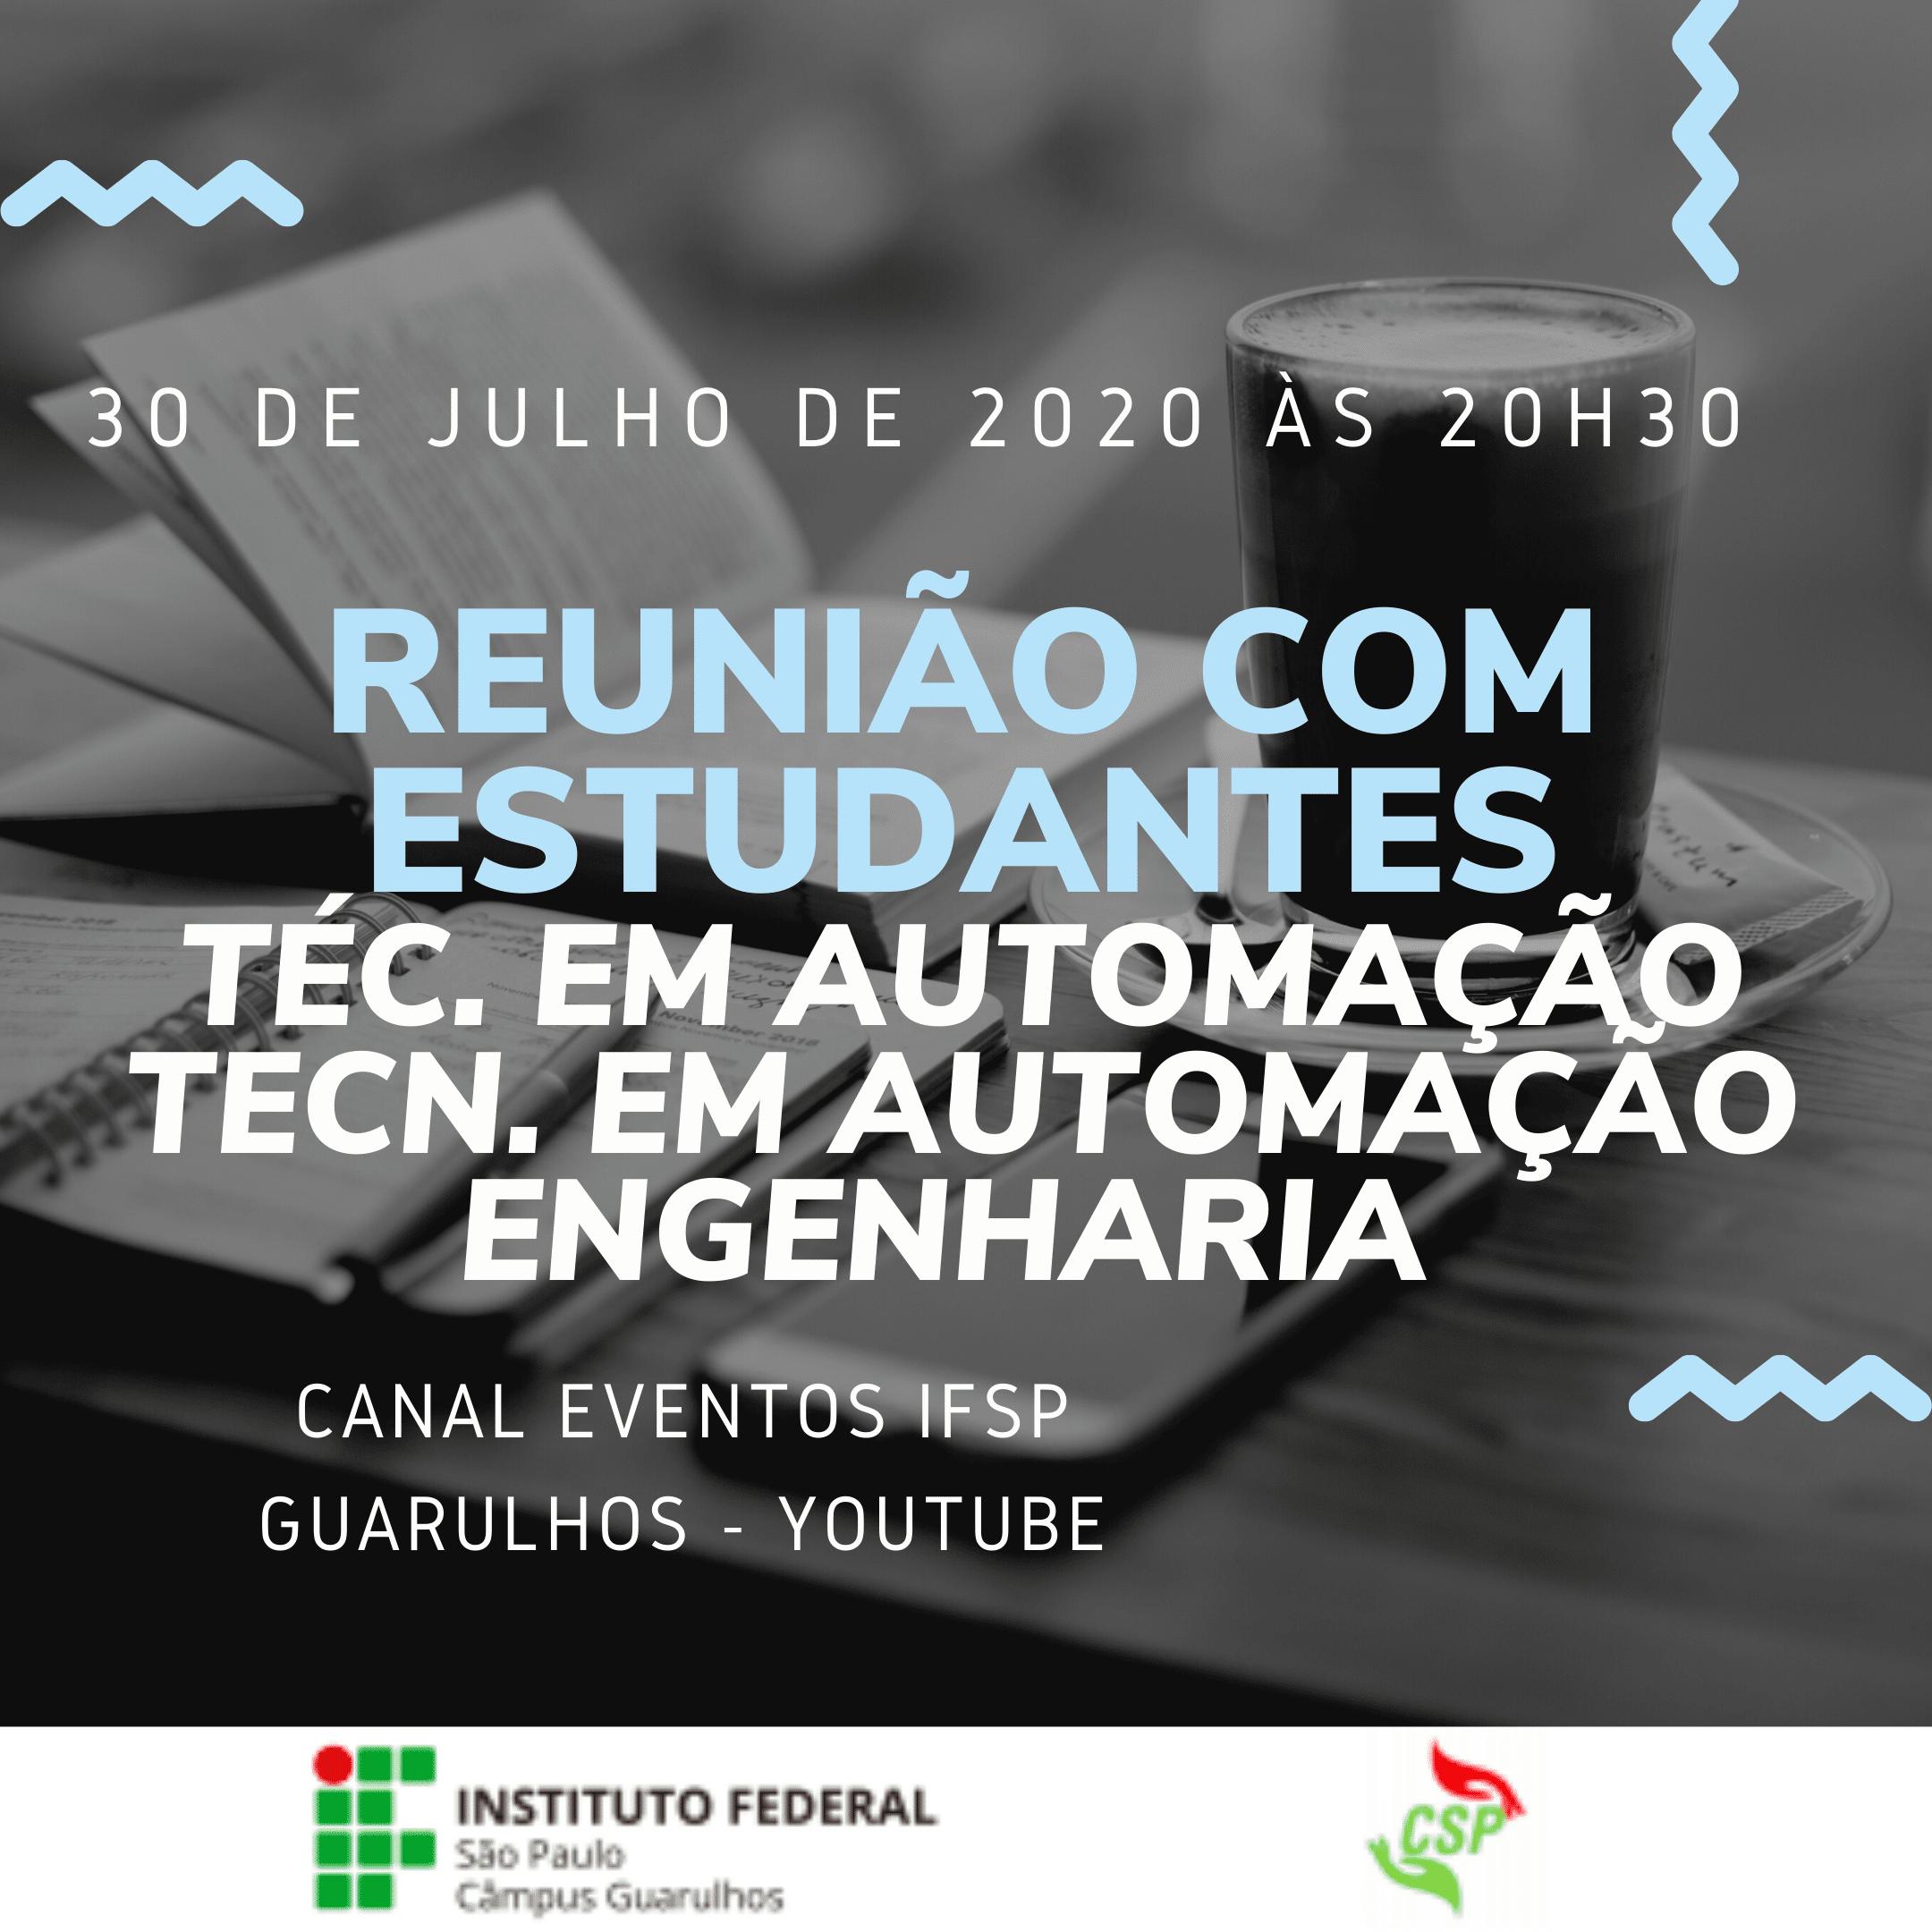 Reunião com estudantes - 30/07/2020